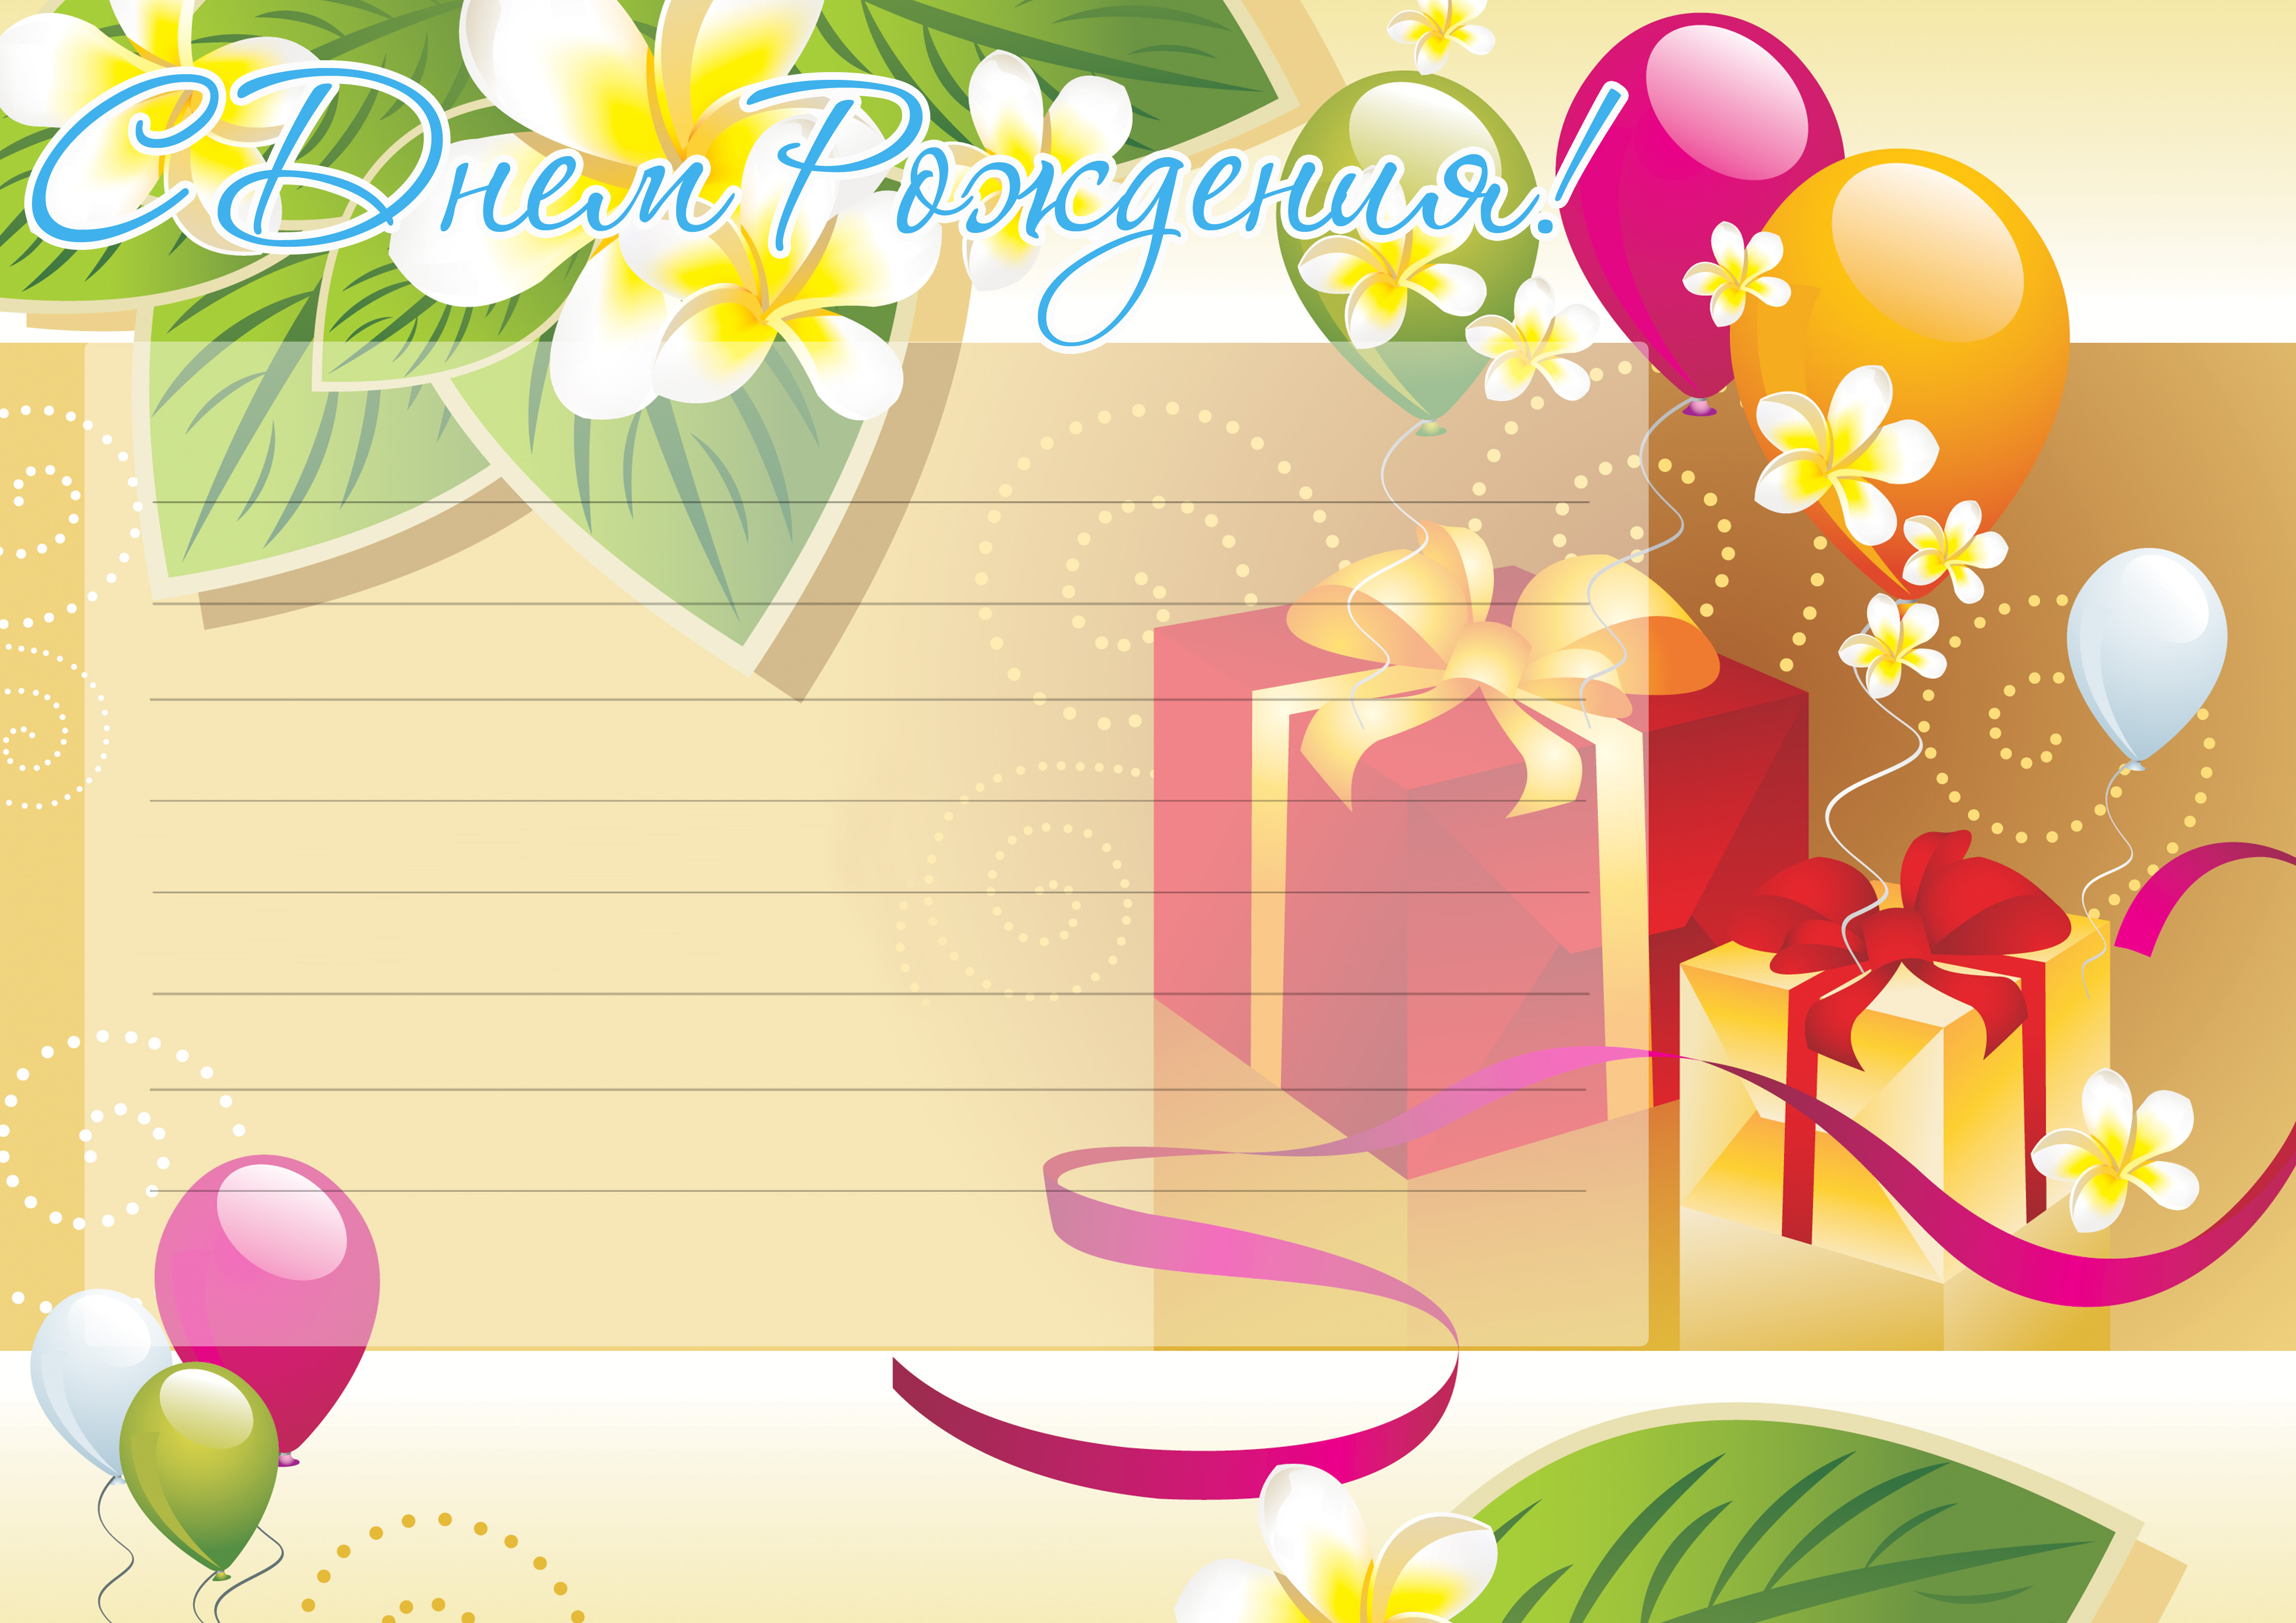 Поздравление с Днем Рождения фон для открытки (18)